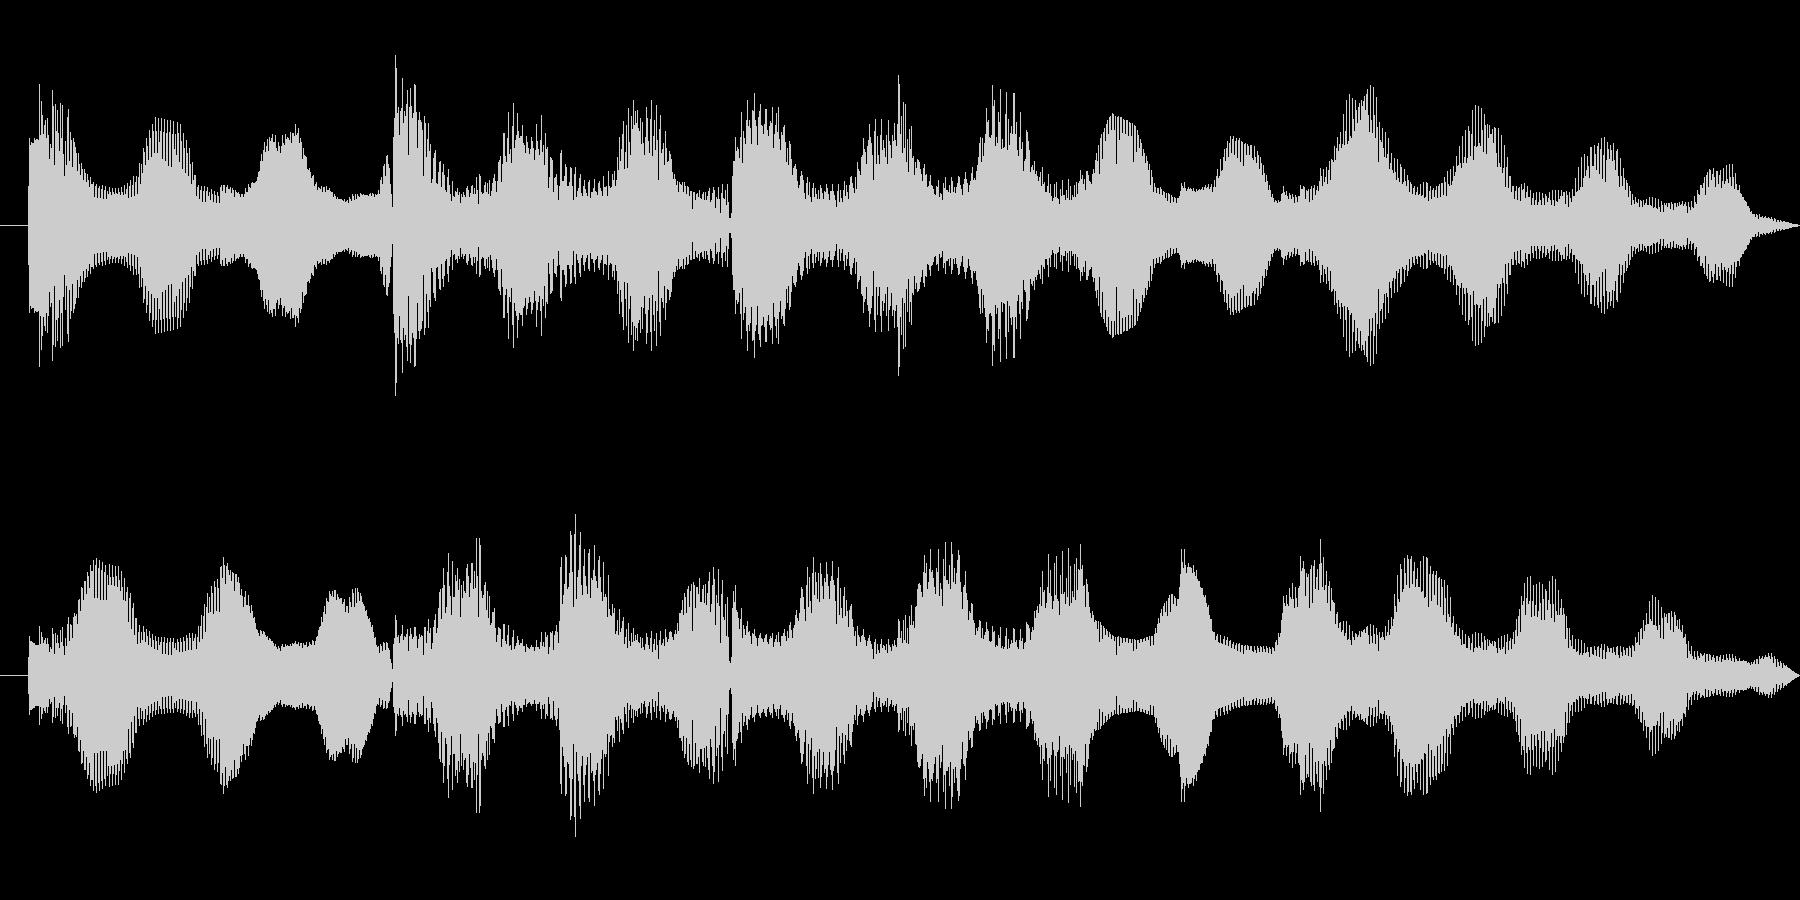 エレピ10sサウンドの未再生の波形